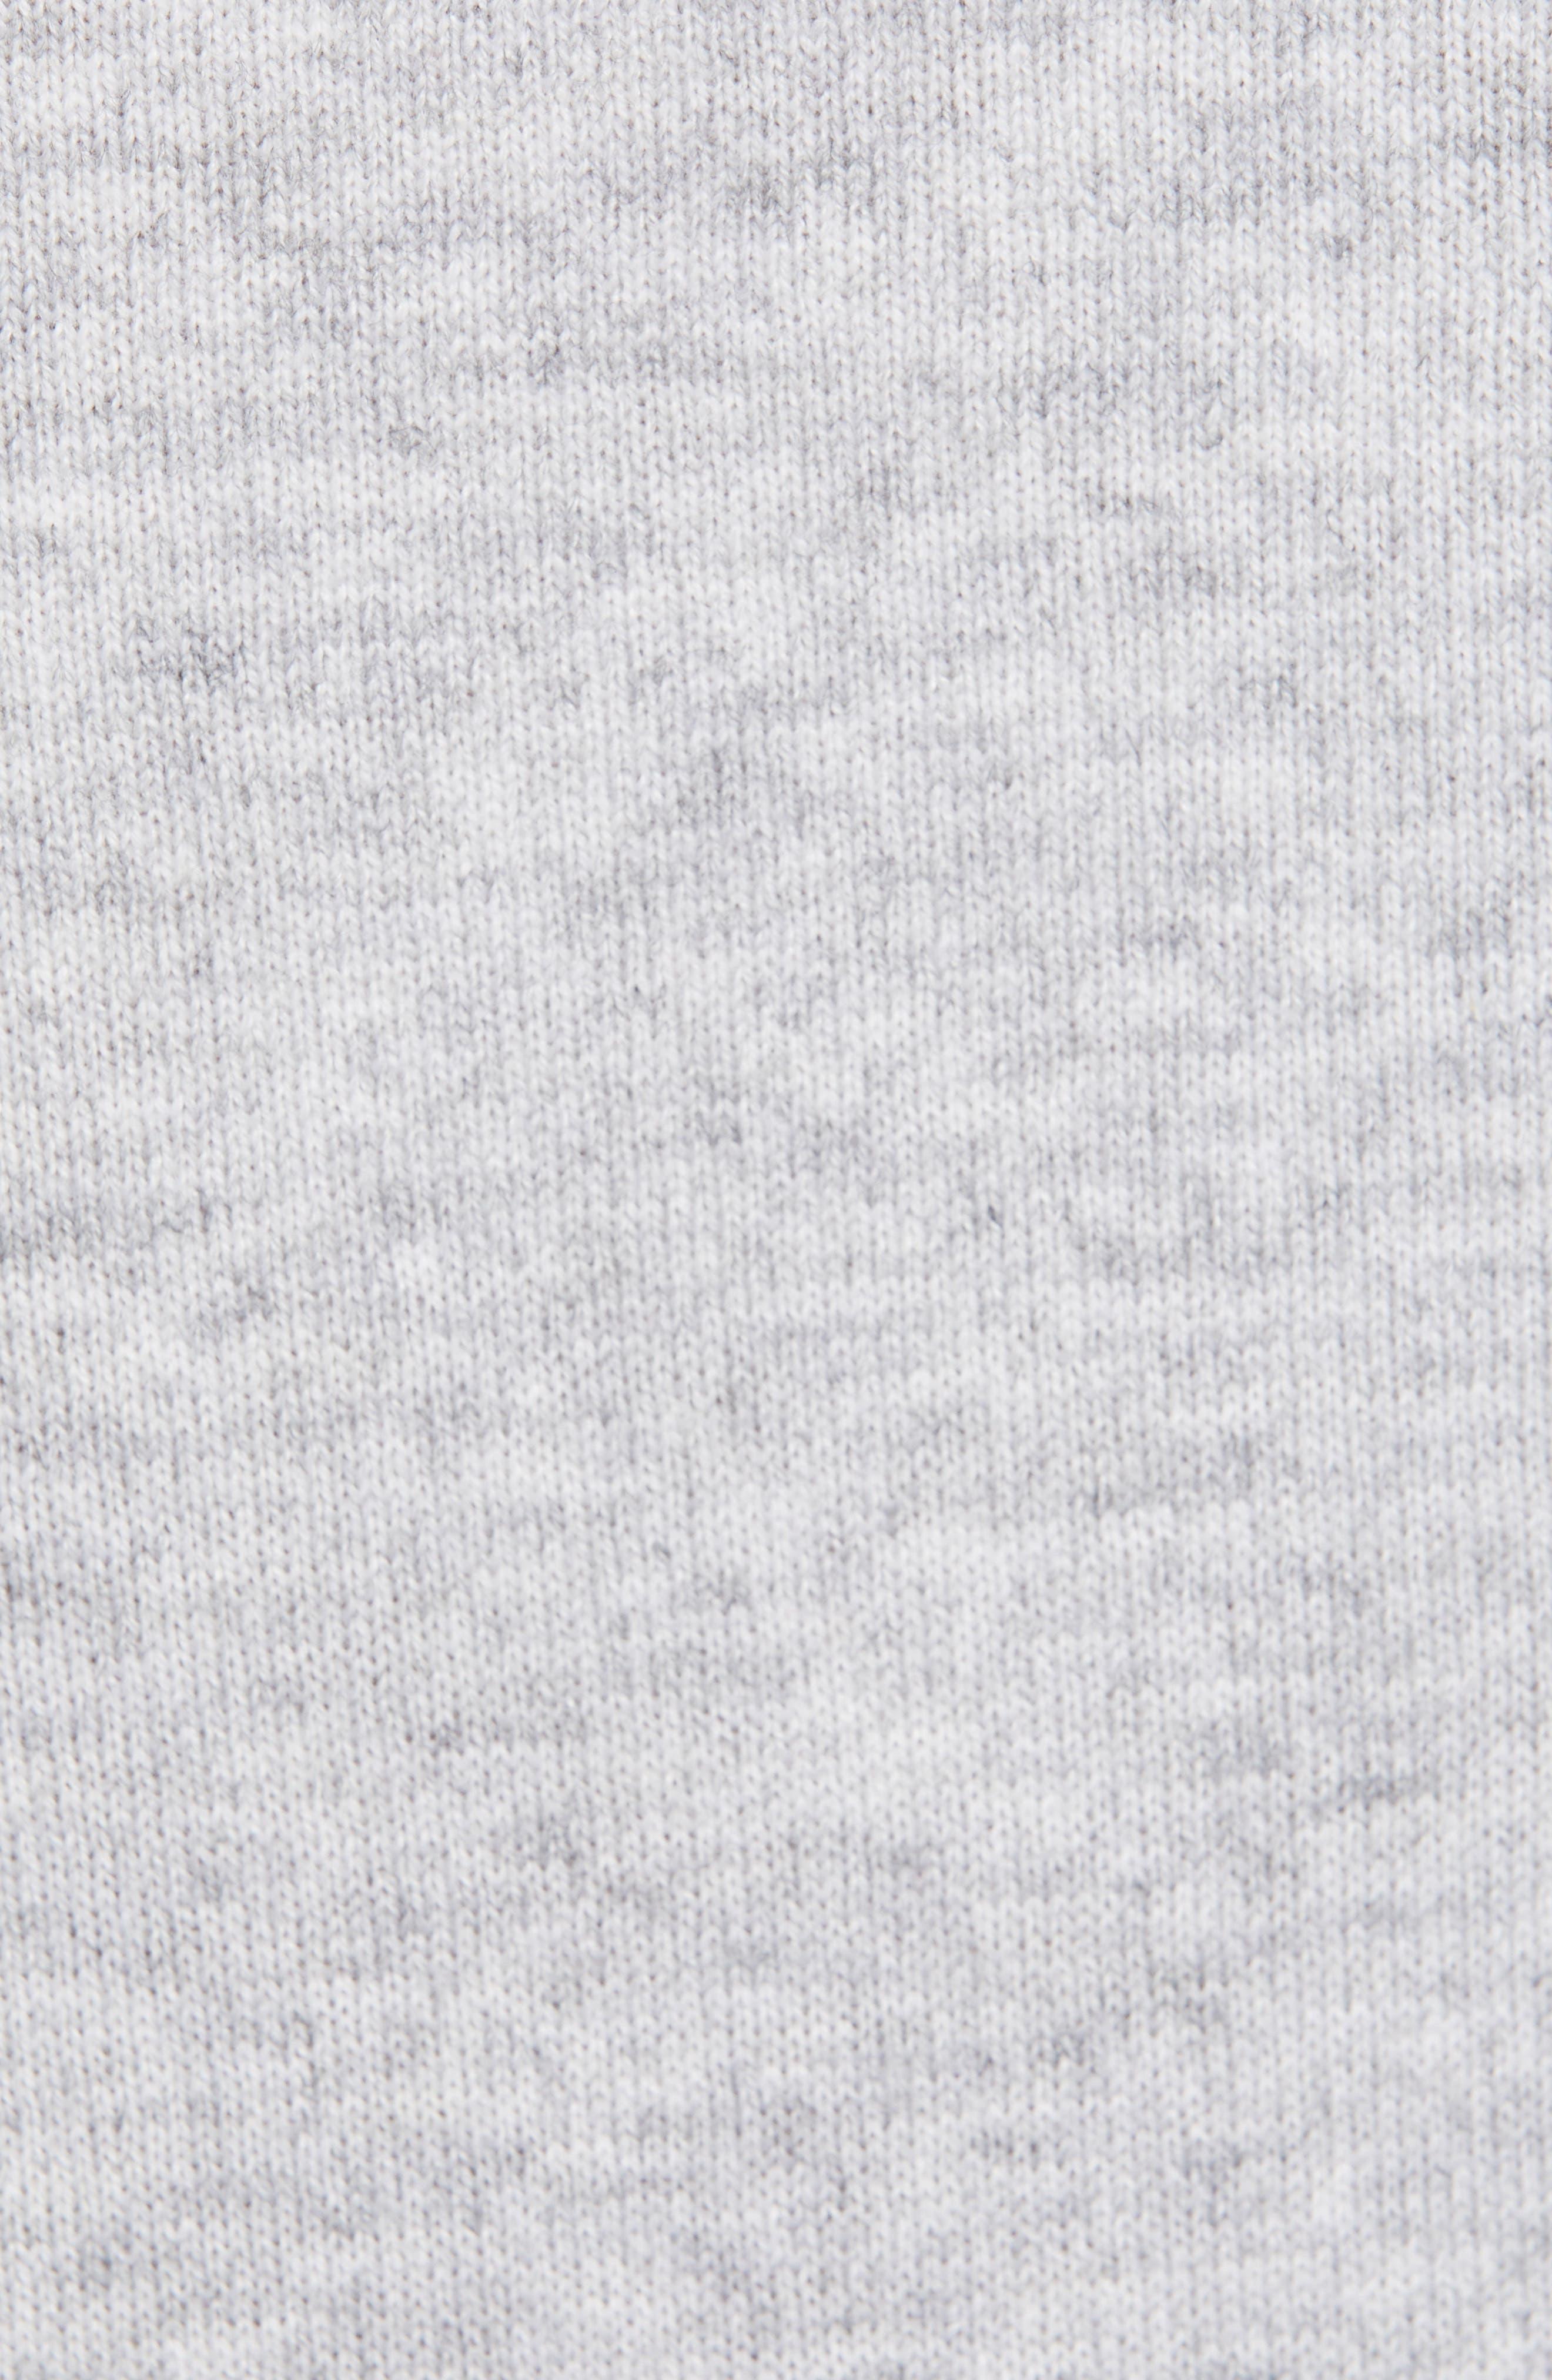 TED BAKER LONDON,                             Redinn Butterfly Sweater,                             Alternate thumbnail 5, color,                             GREY